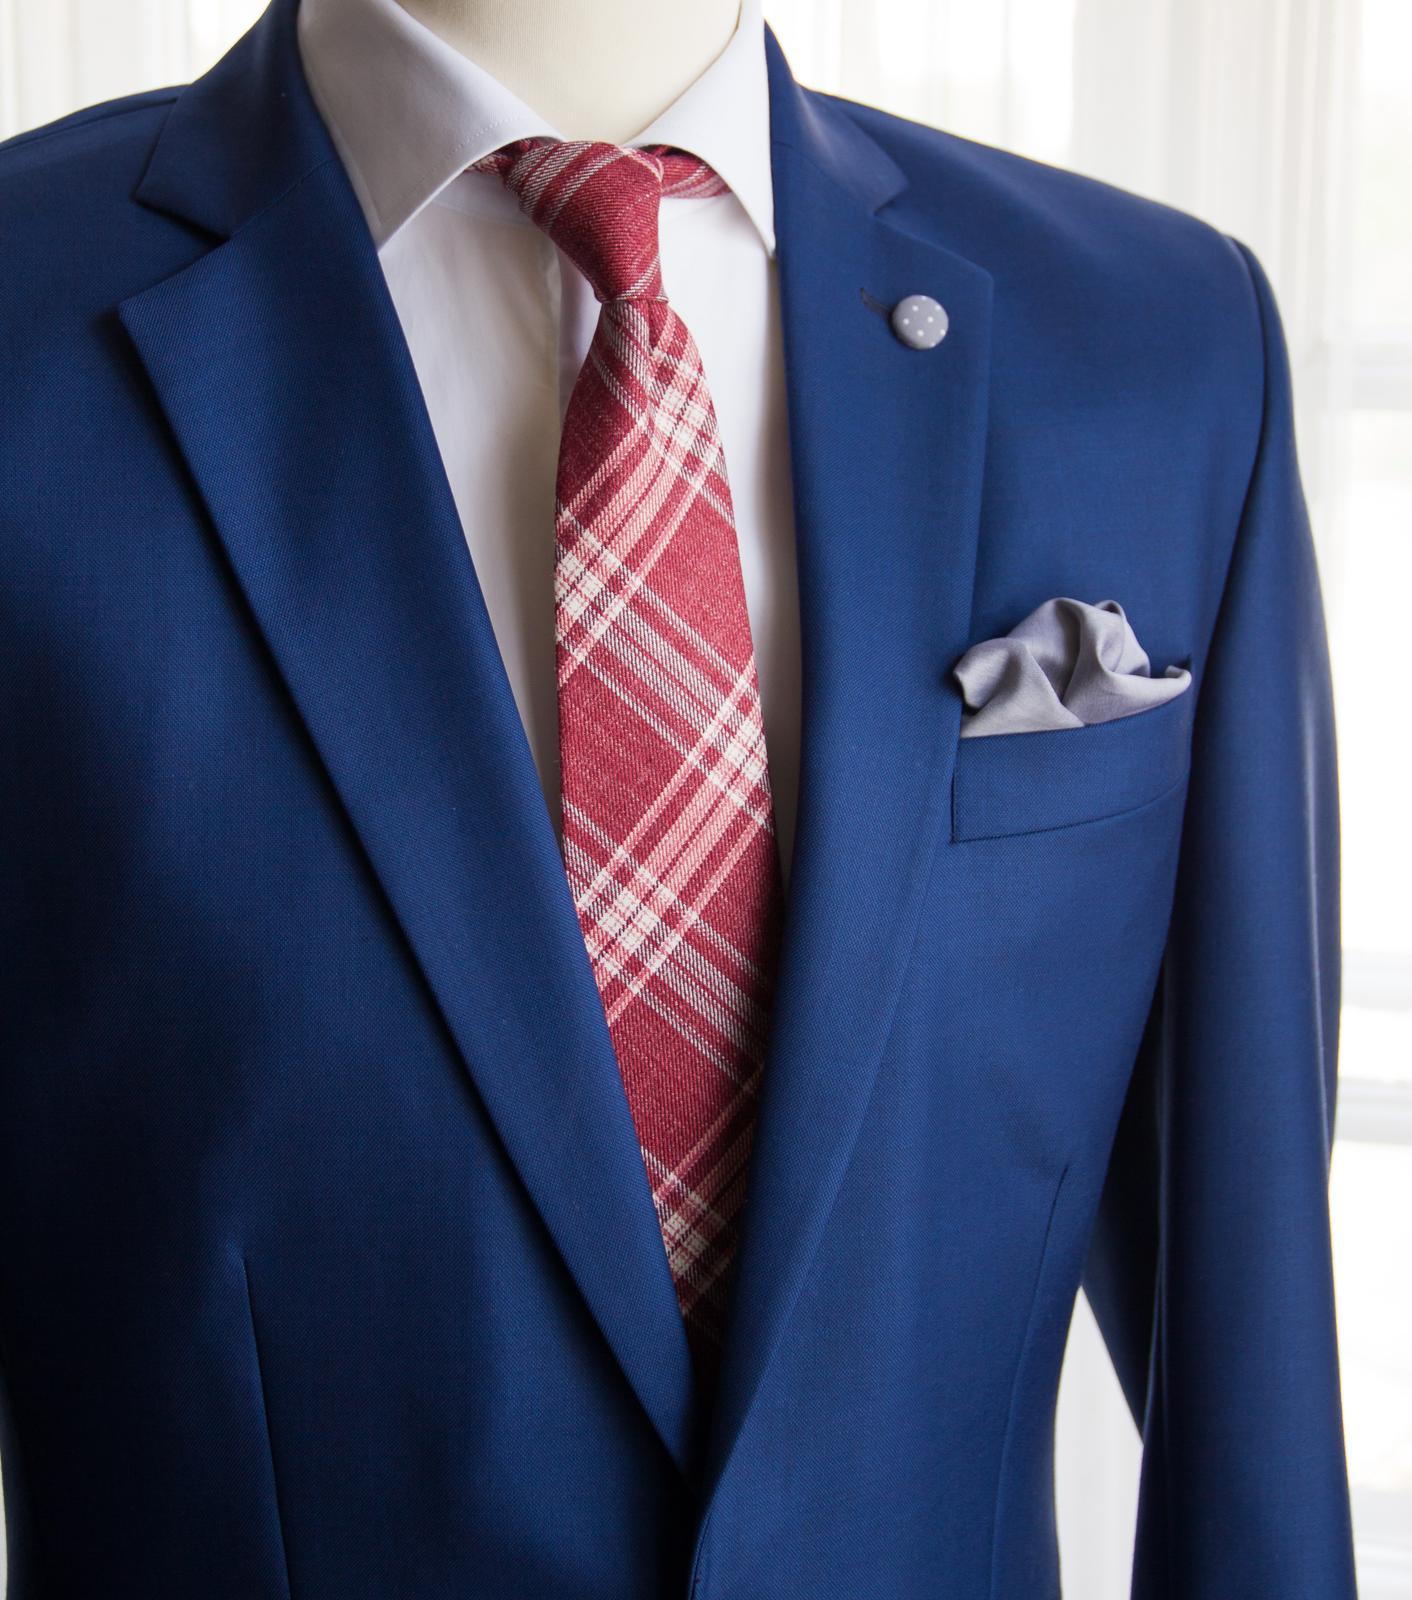 bubibubi_ties - Károvaná kravata.